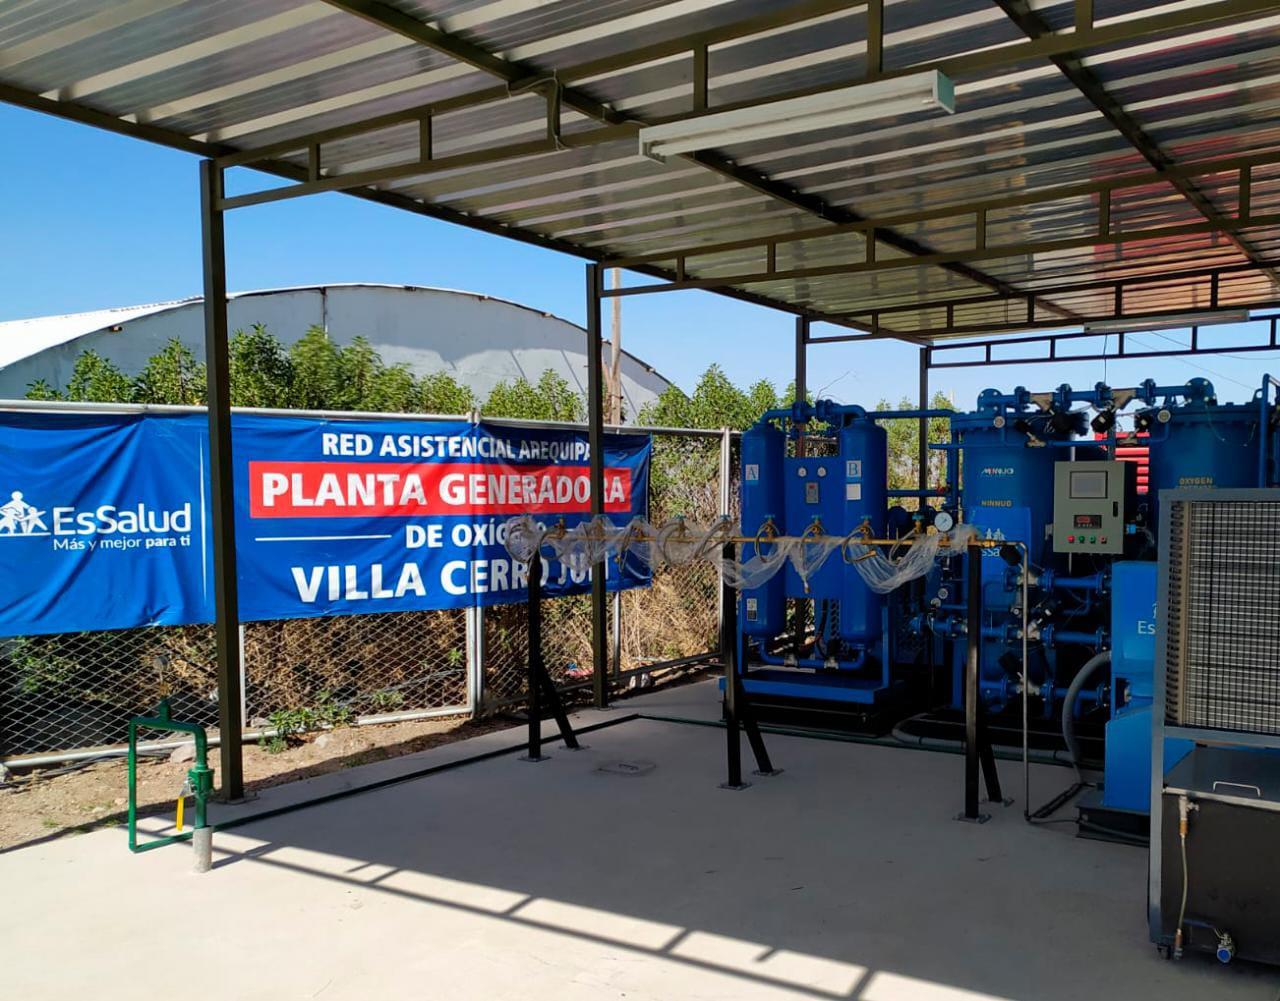 Essalud - EsSalud Arequipa pone en funcionamiento al 100% planta generadora de oxígeno en Villa Cerro Juli para hacer frente a la Covid-19